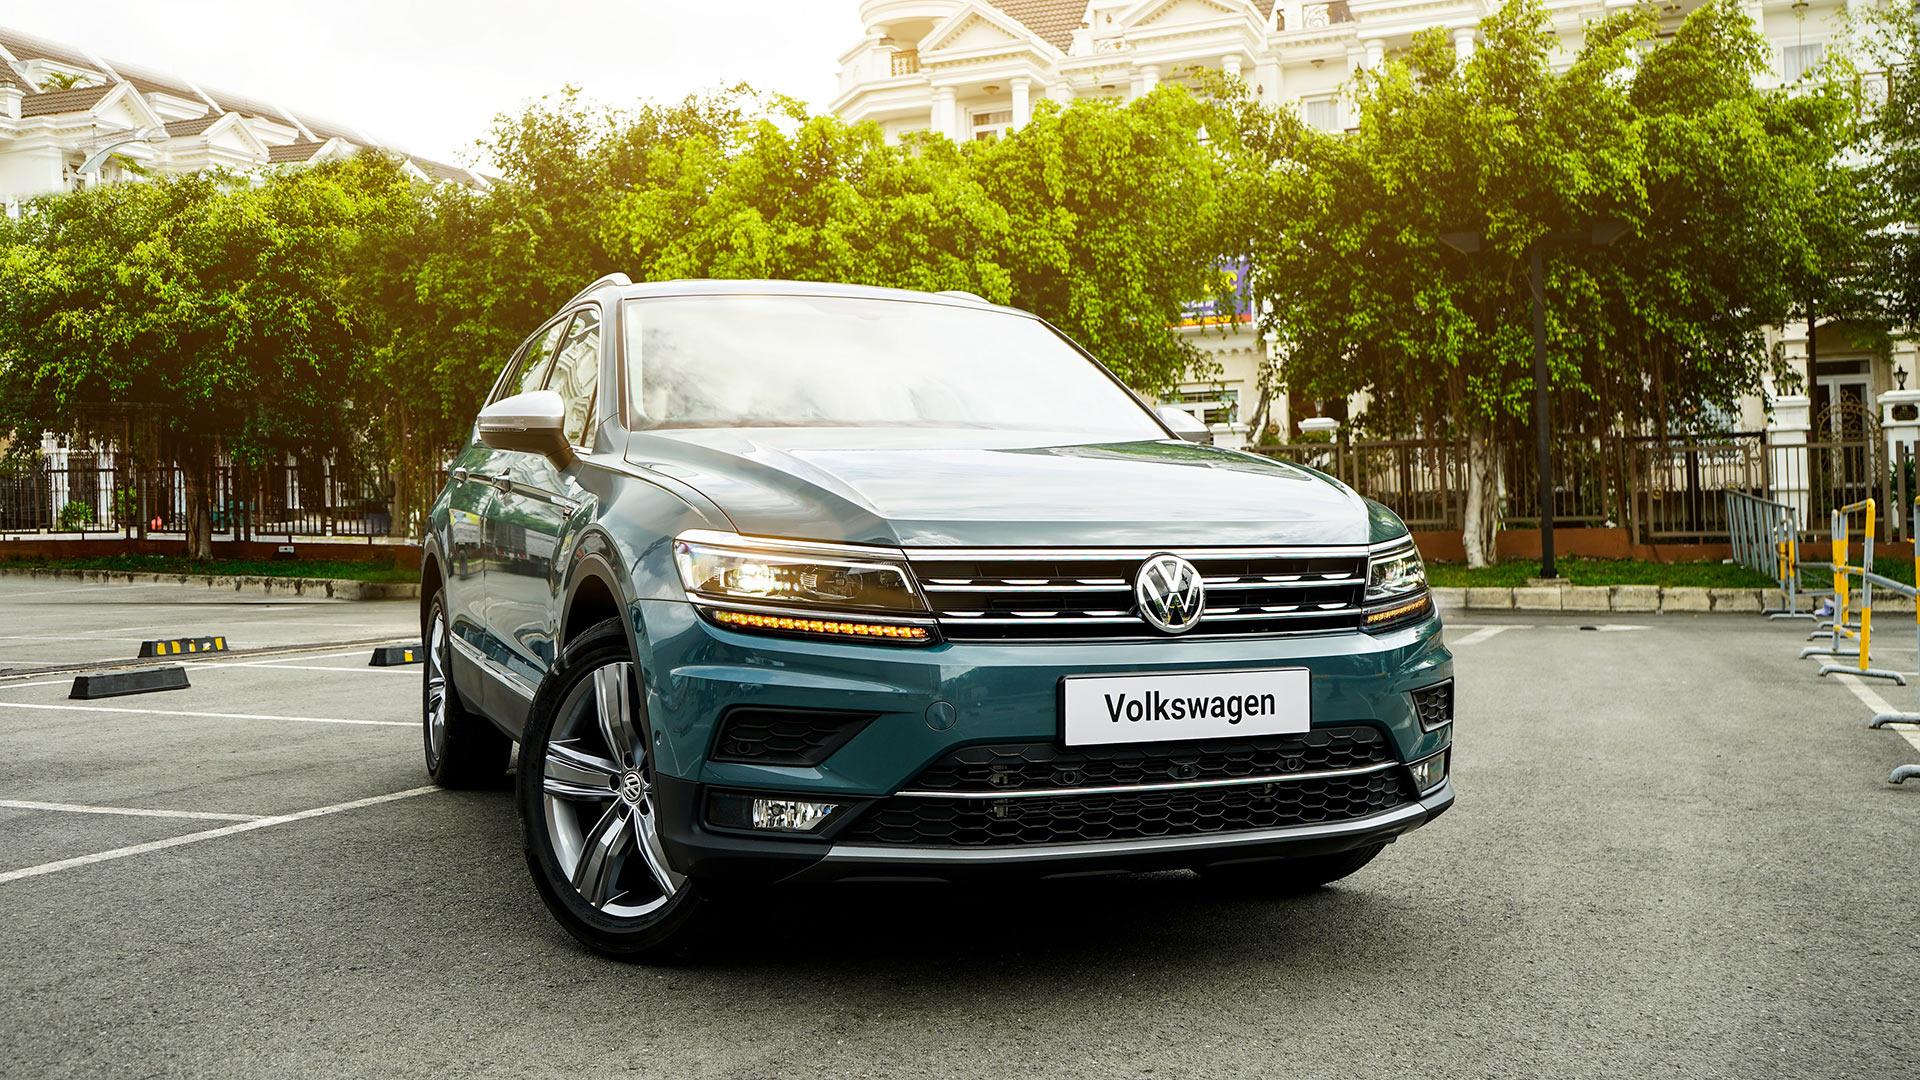 Volkswagen hứa hẹn mang đến Triển lãm Ô tô Việt Nam 2019 nhiều bất ngờ